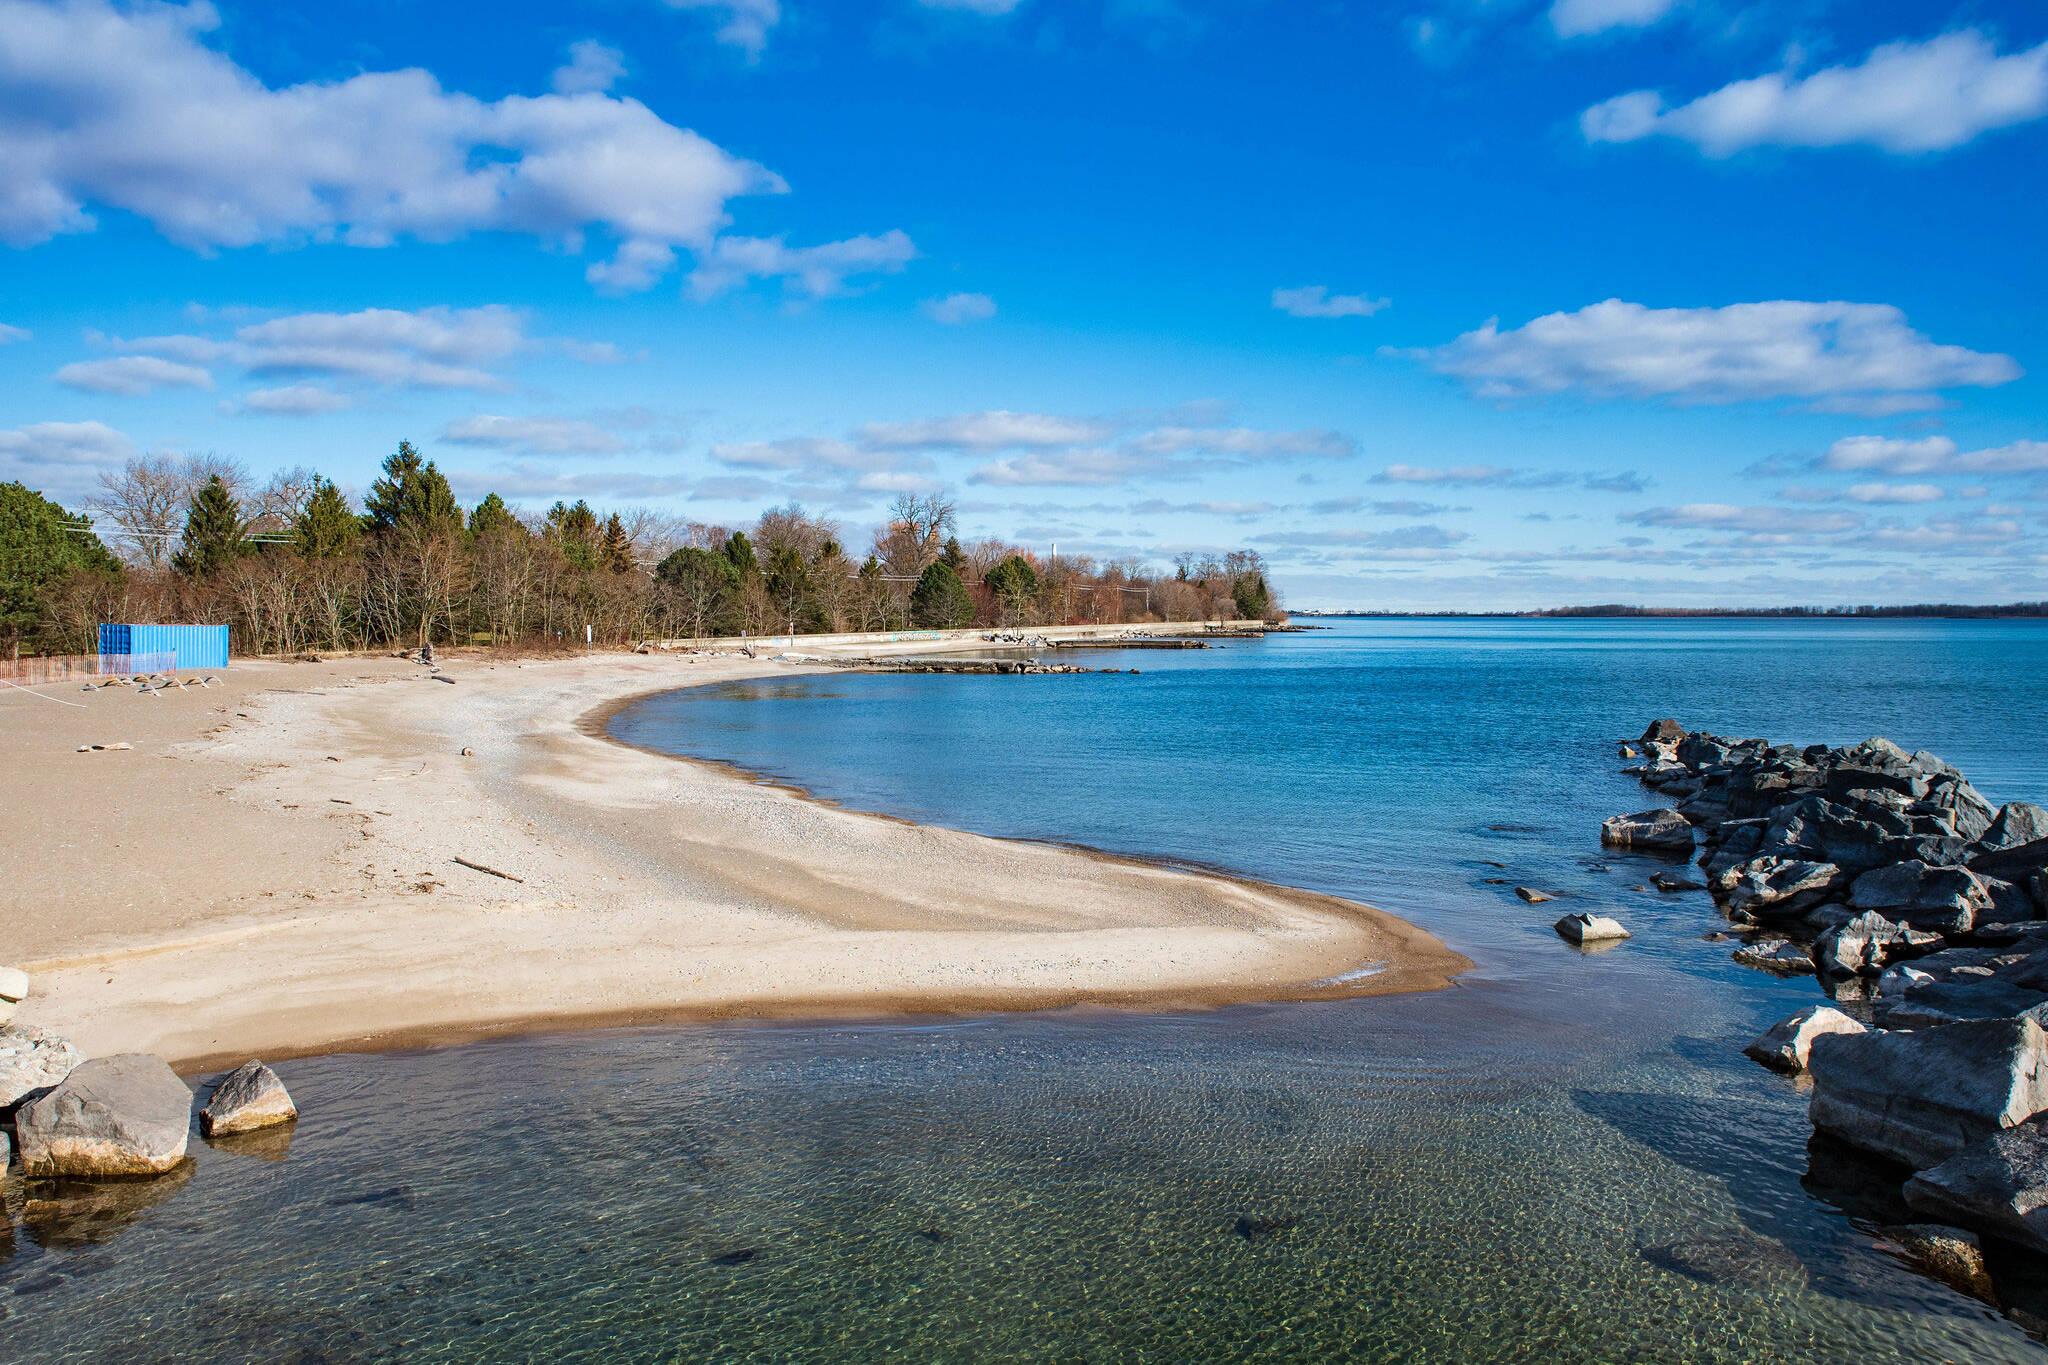 toronto islands open